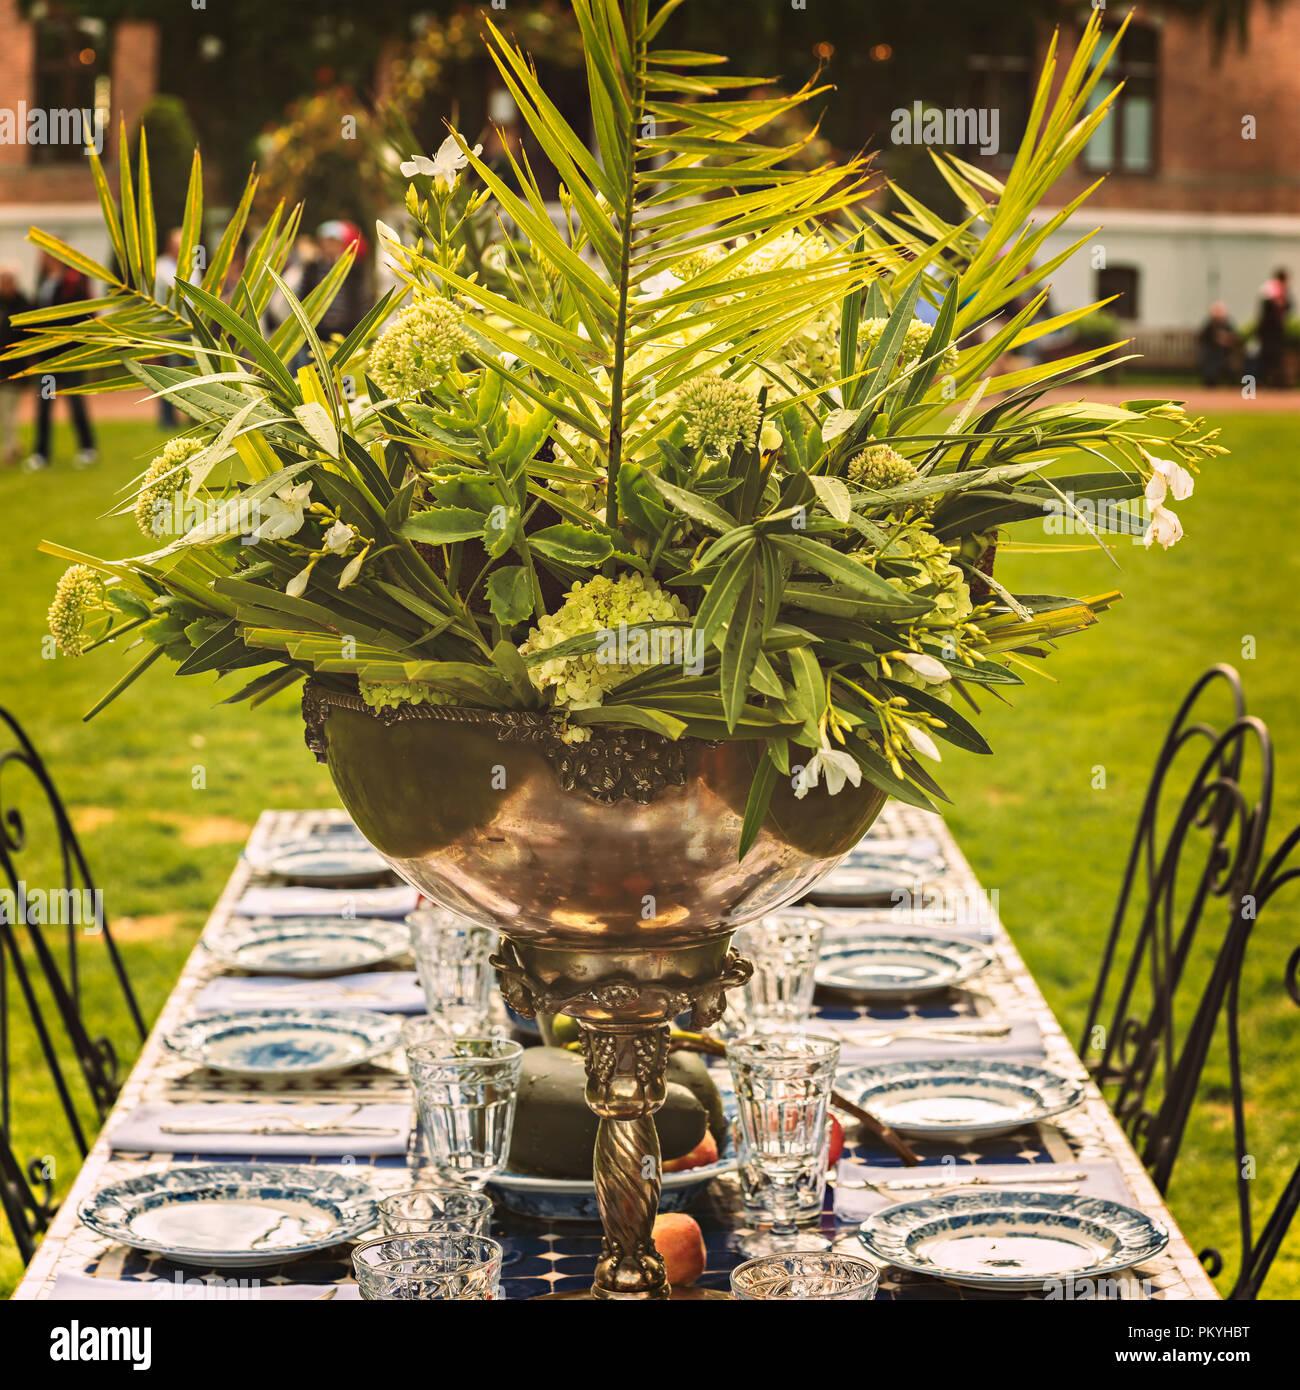 Rustic green garden party centerpiece. Stock Photo